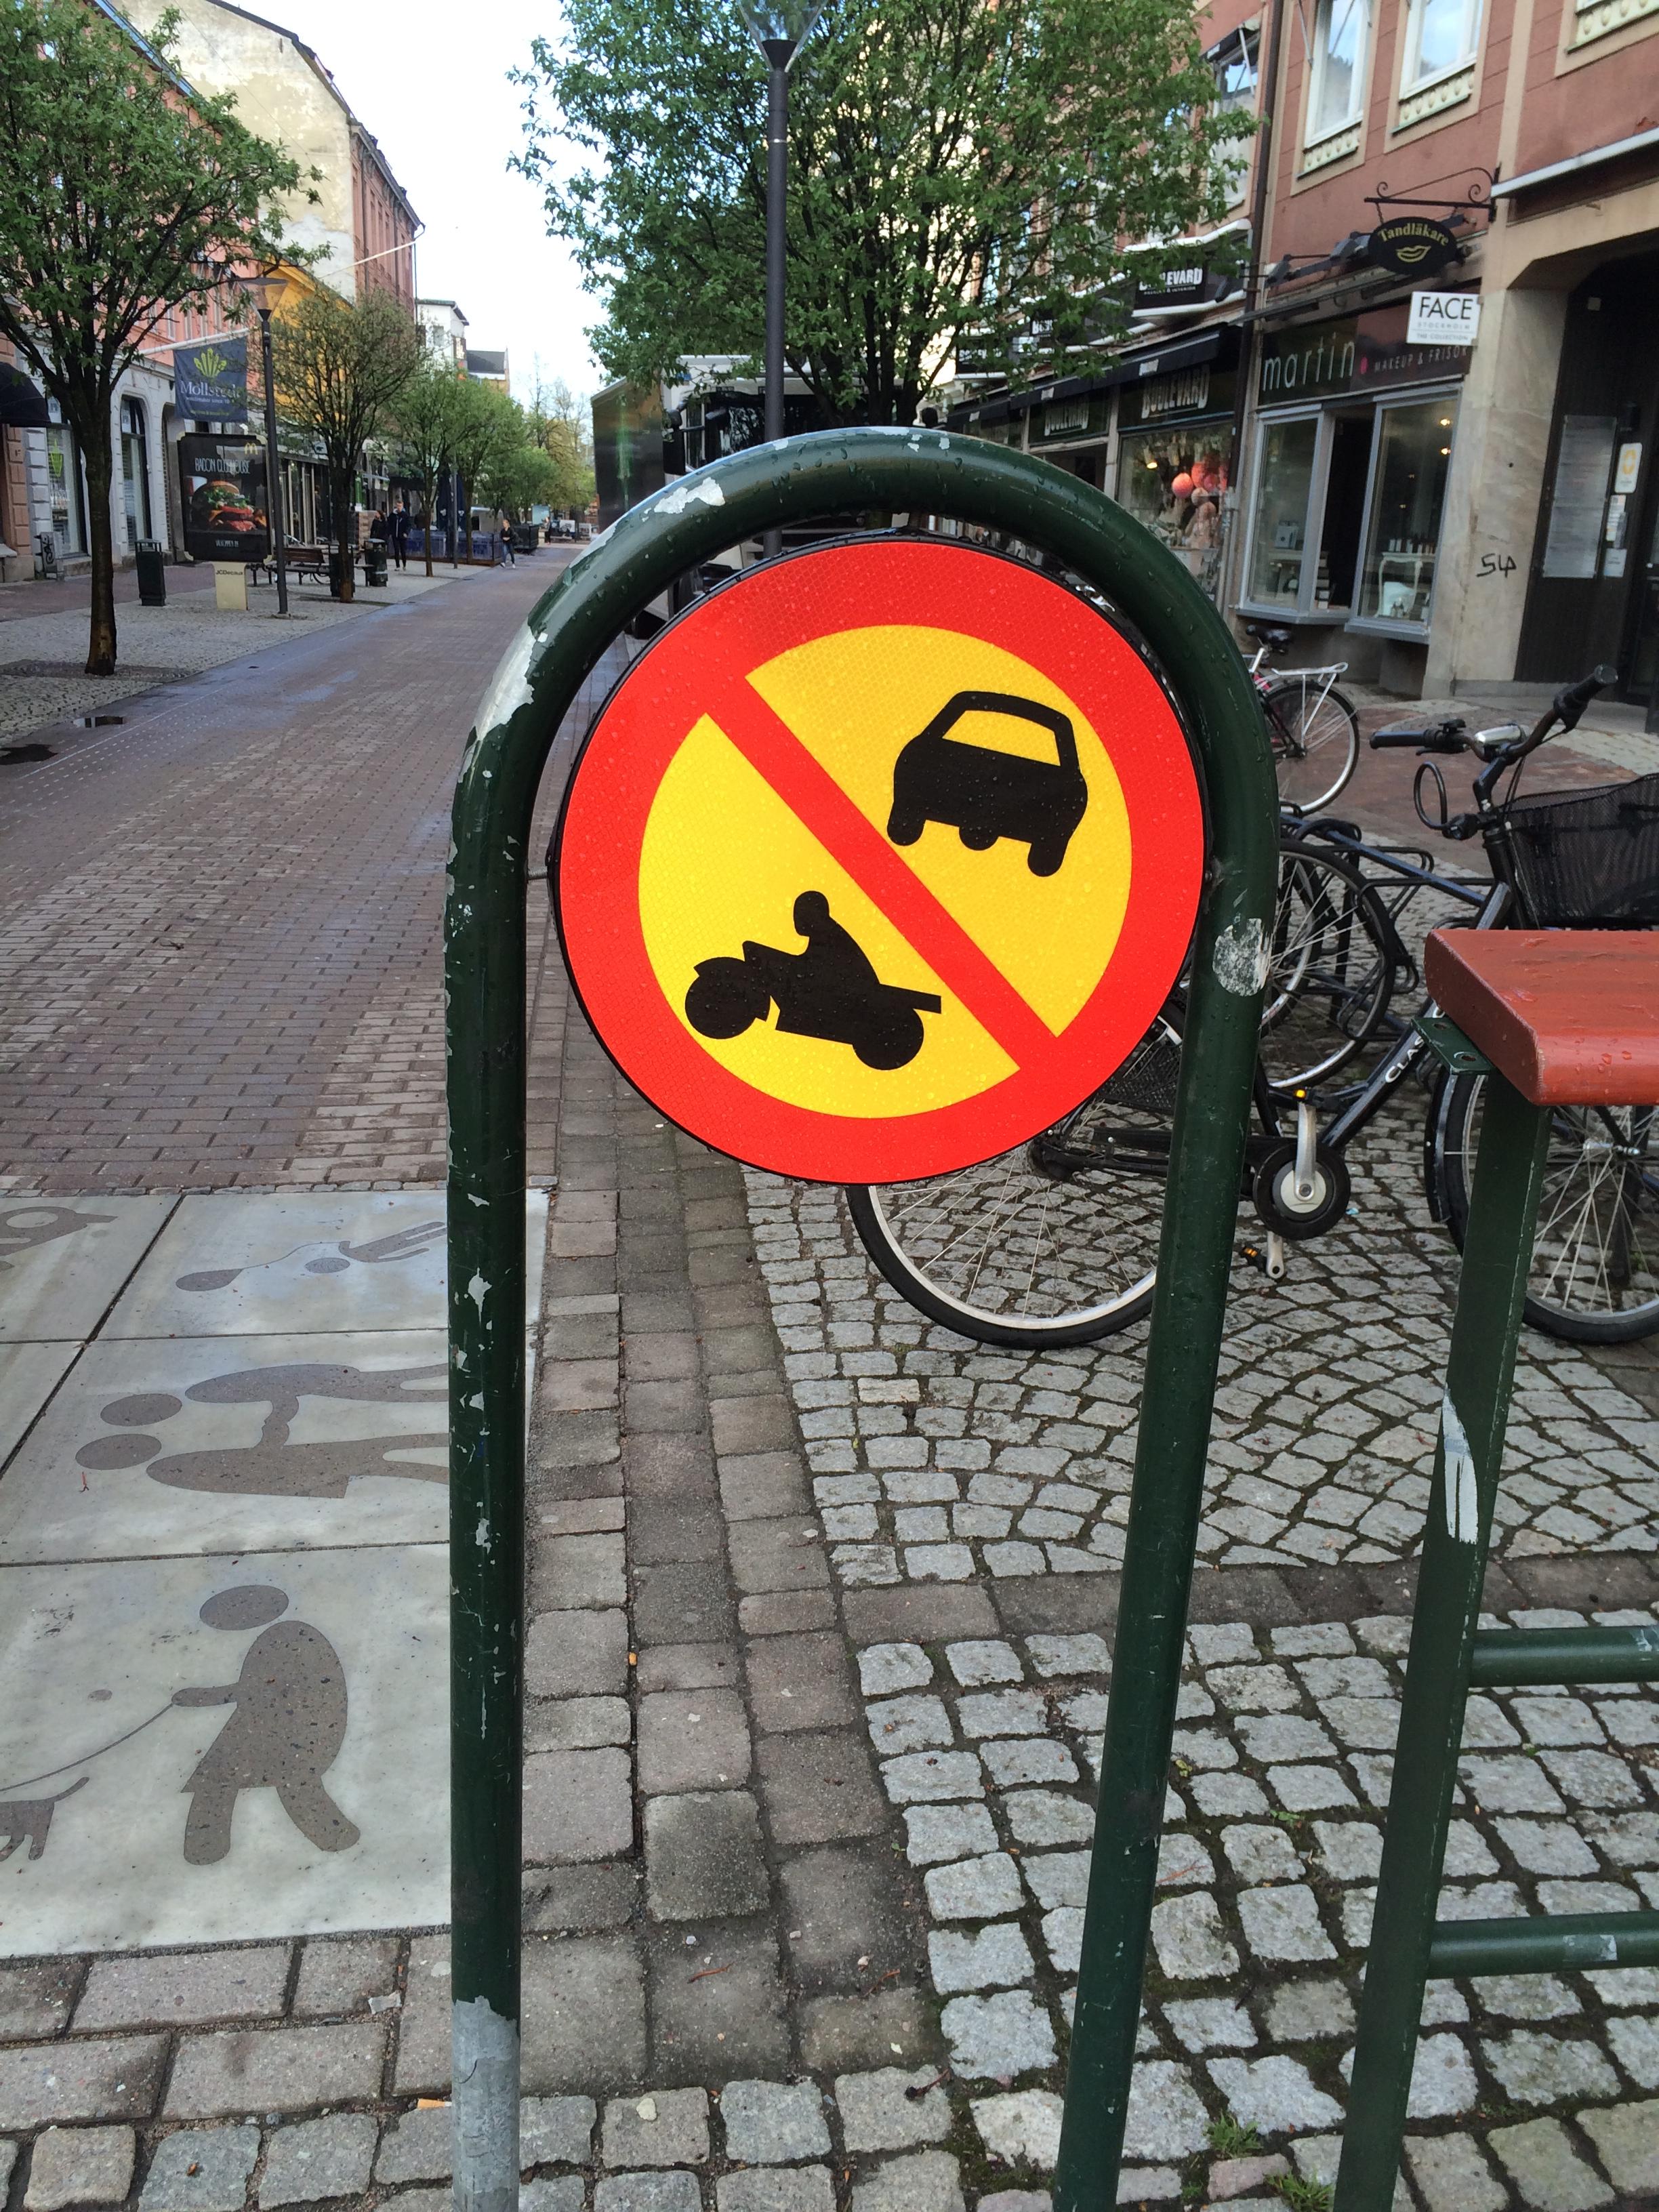 C3 Förbud mot trafik med motordrivet fordon än moped klass II